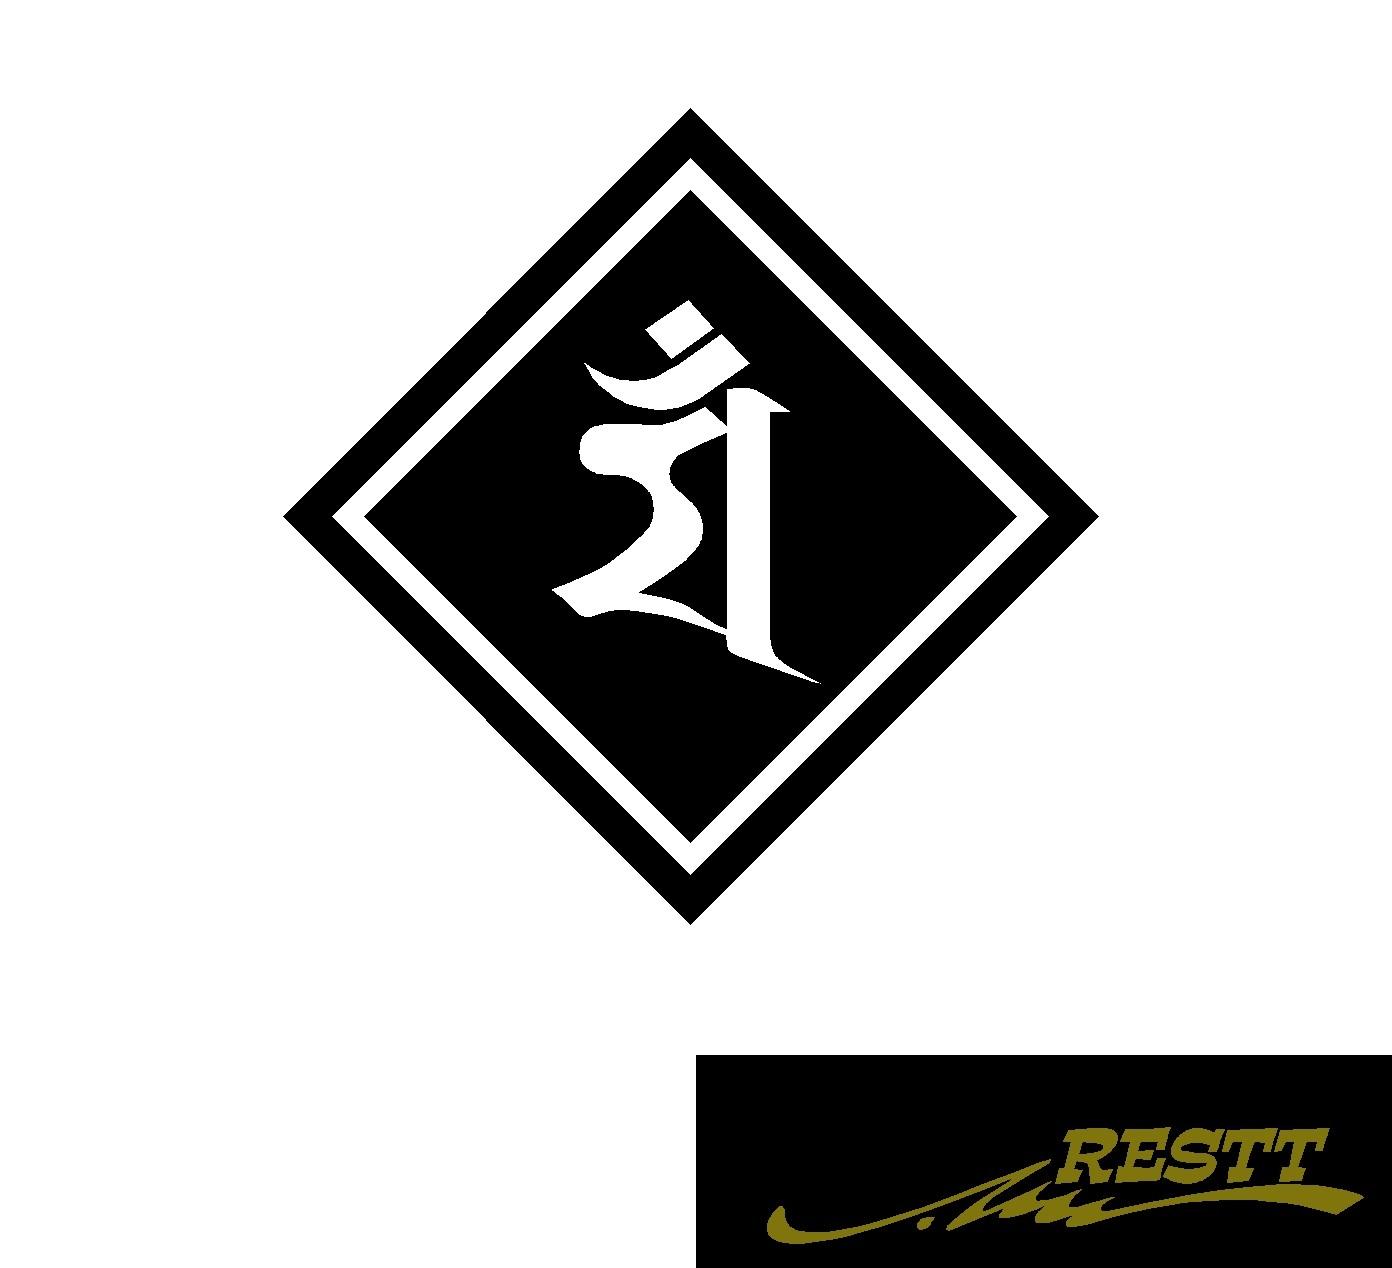 春の新作 国際ブランド 豊富なカラー20色から作成おしゃれなステッカー 干支 梵字 卯 ロゴ 小サイズ うさぎ カッティングステッカー